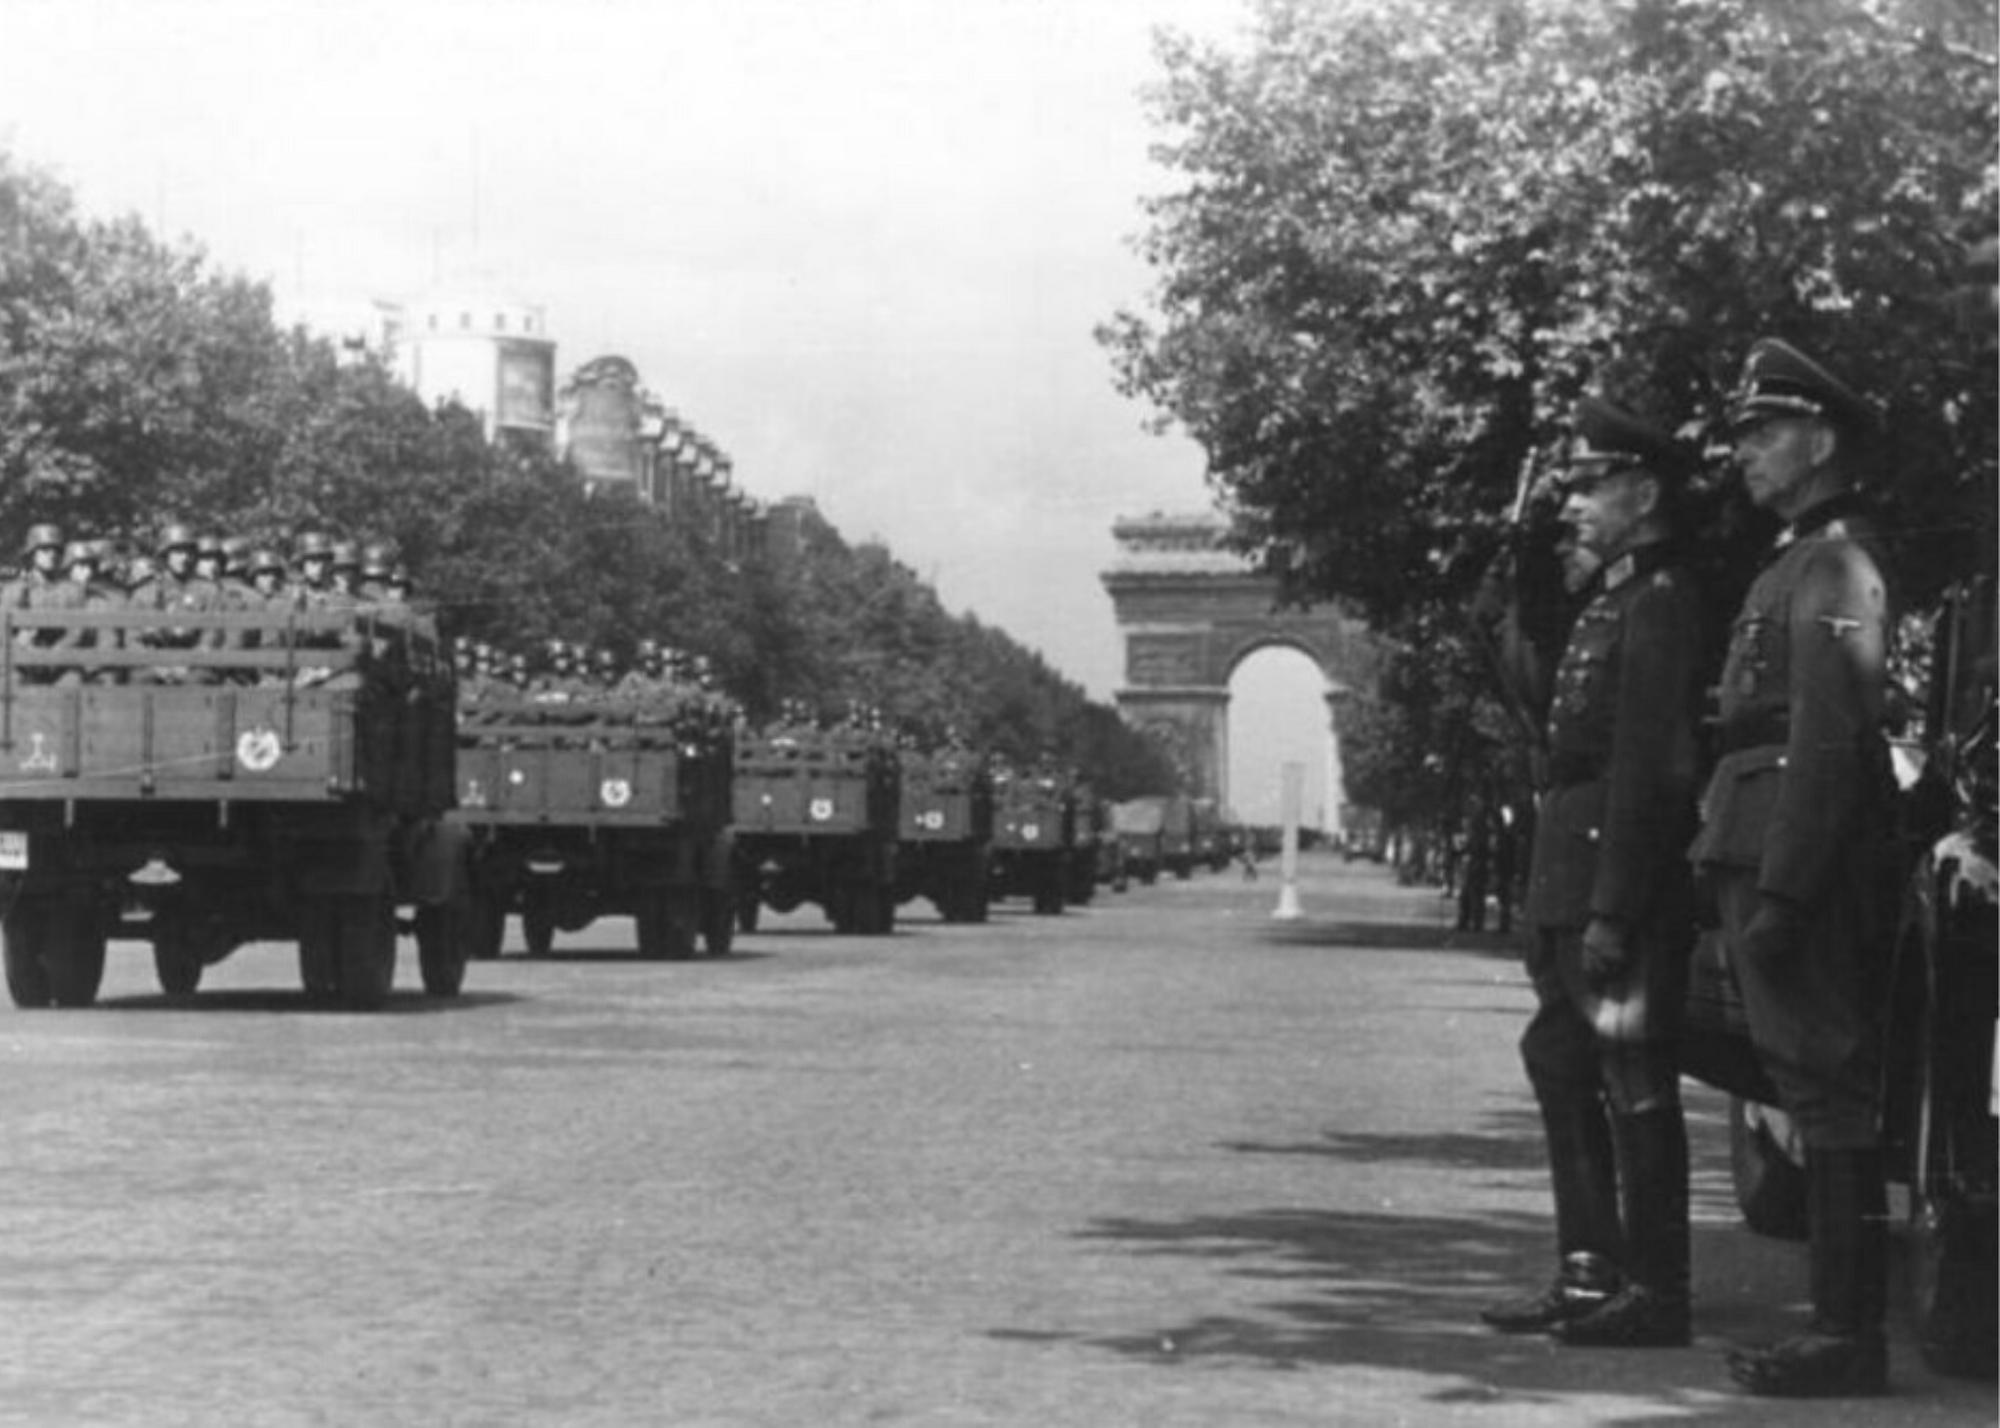 Paris, France in 1942